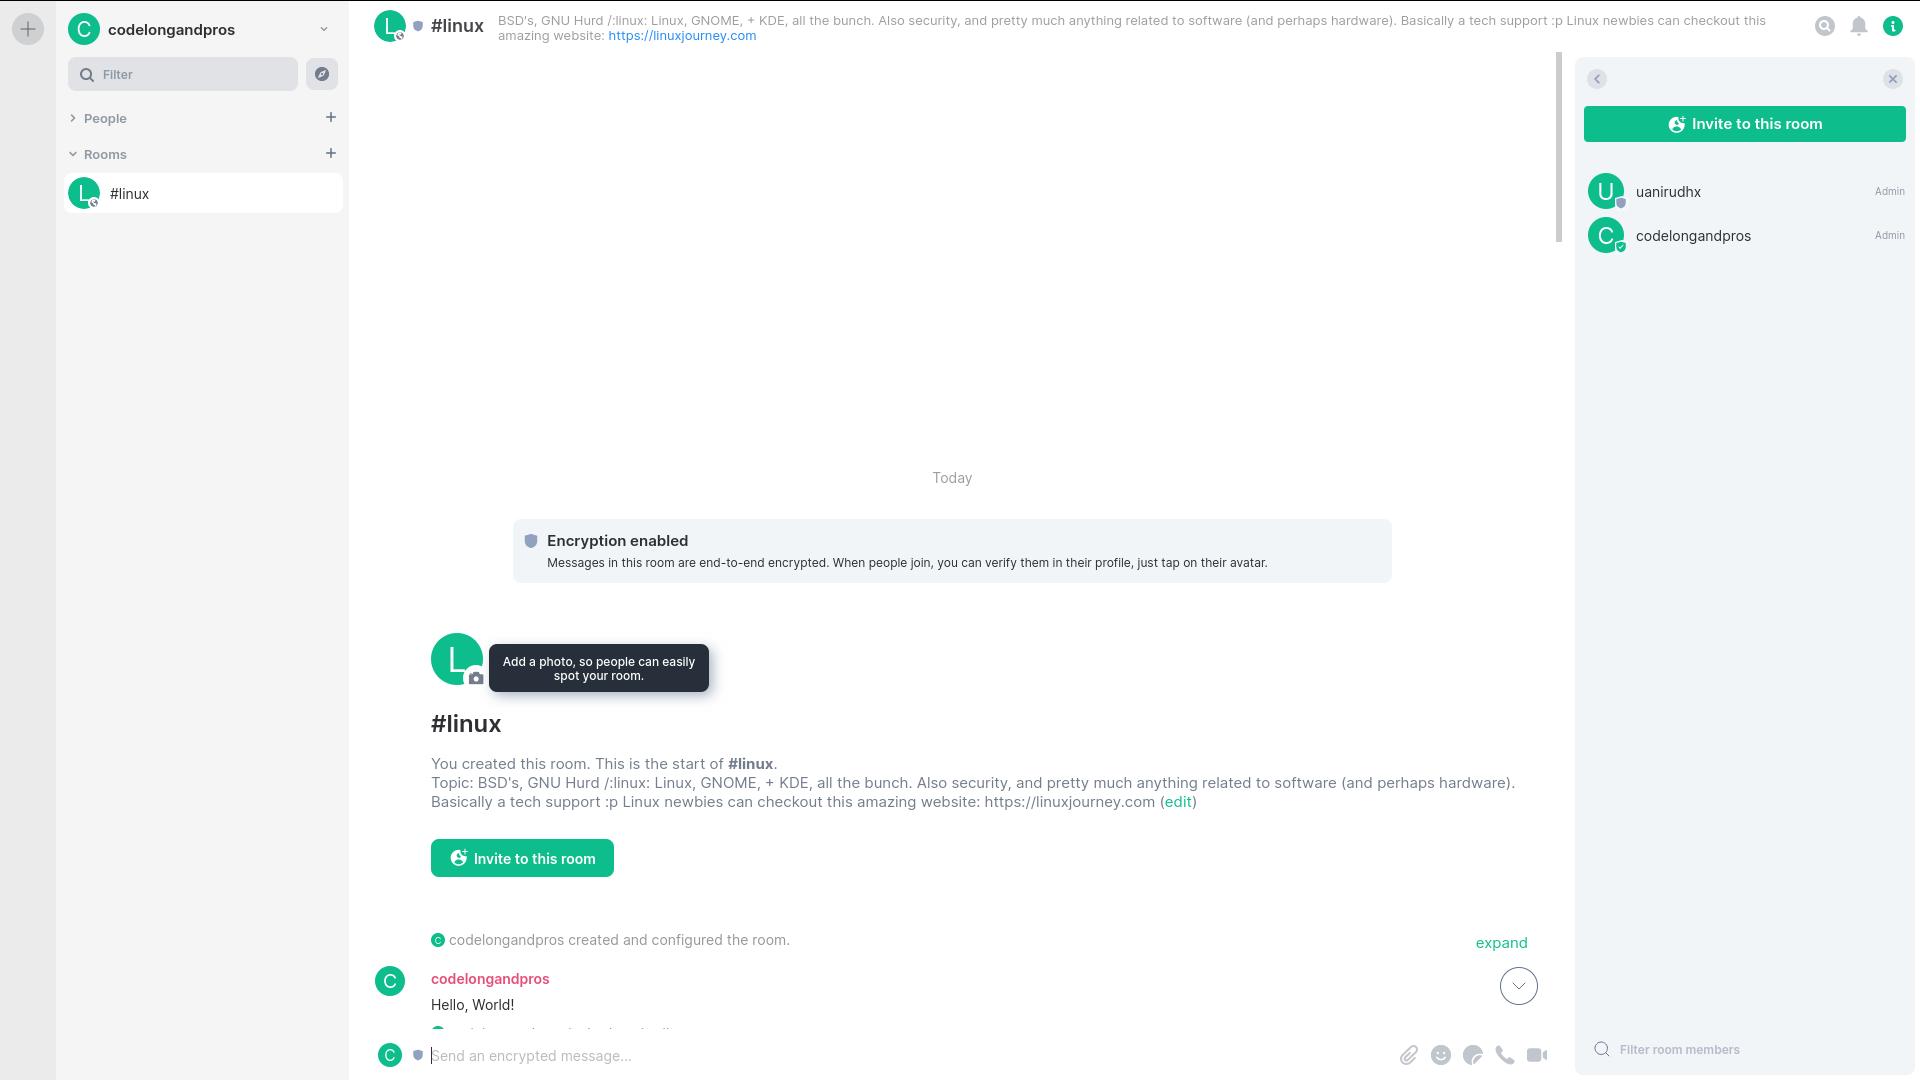 https://cloud-hvyft4359.vercel.app/0screenshot_from_2021-01-11_20-05-28.png